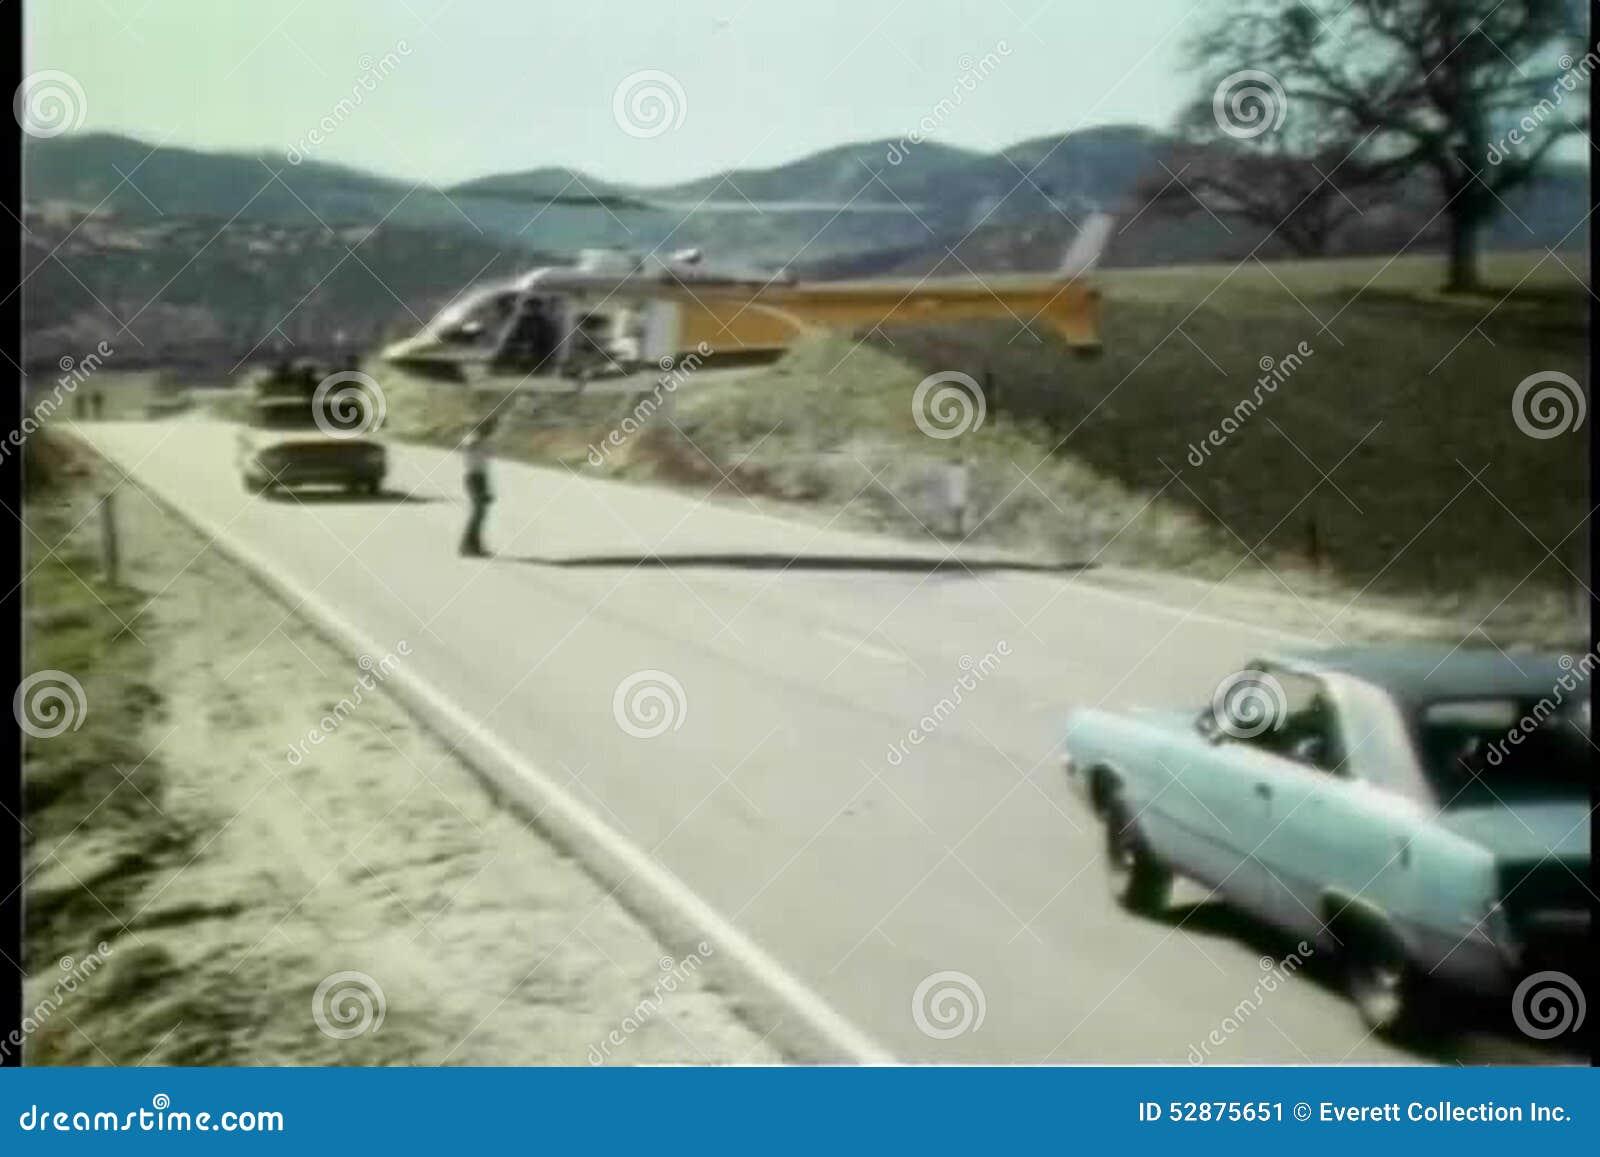 L Elicottero Posizione : Equipaggi le automobili e l elicottero coordinati di acrobazia su